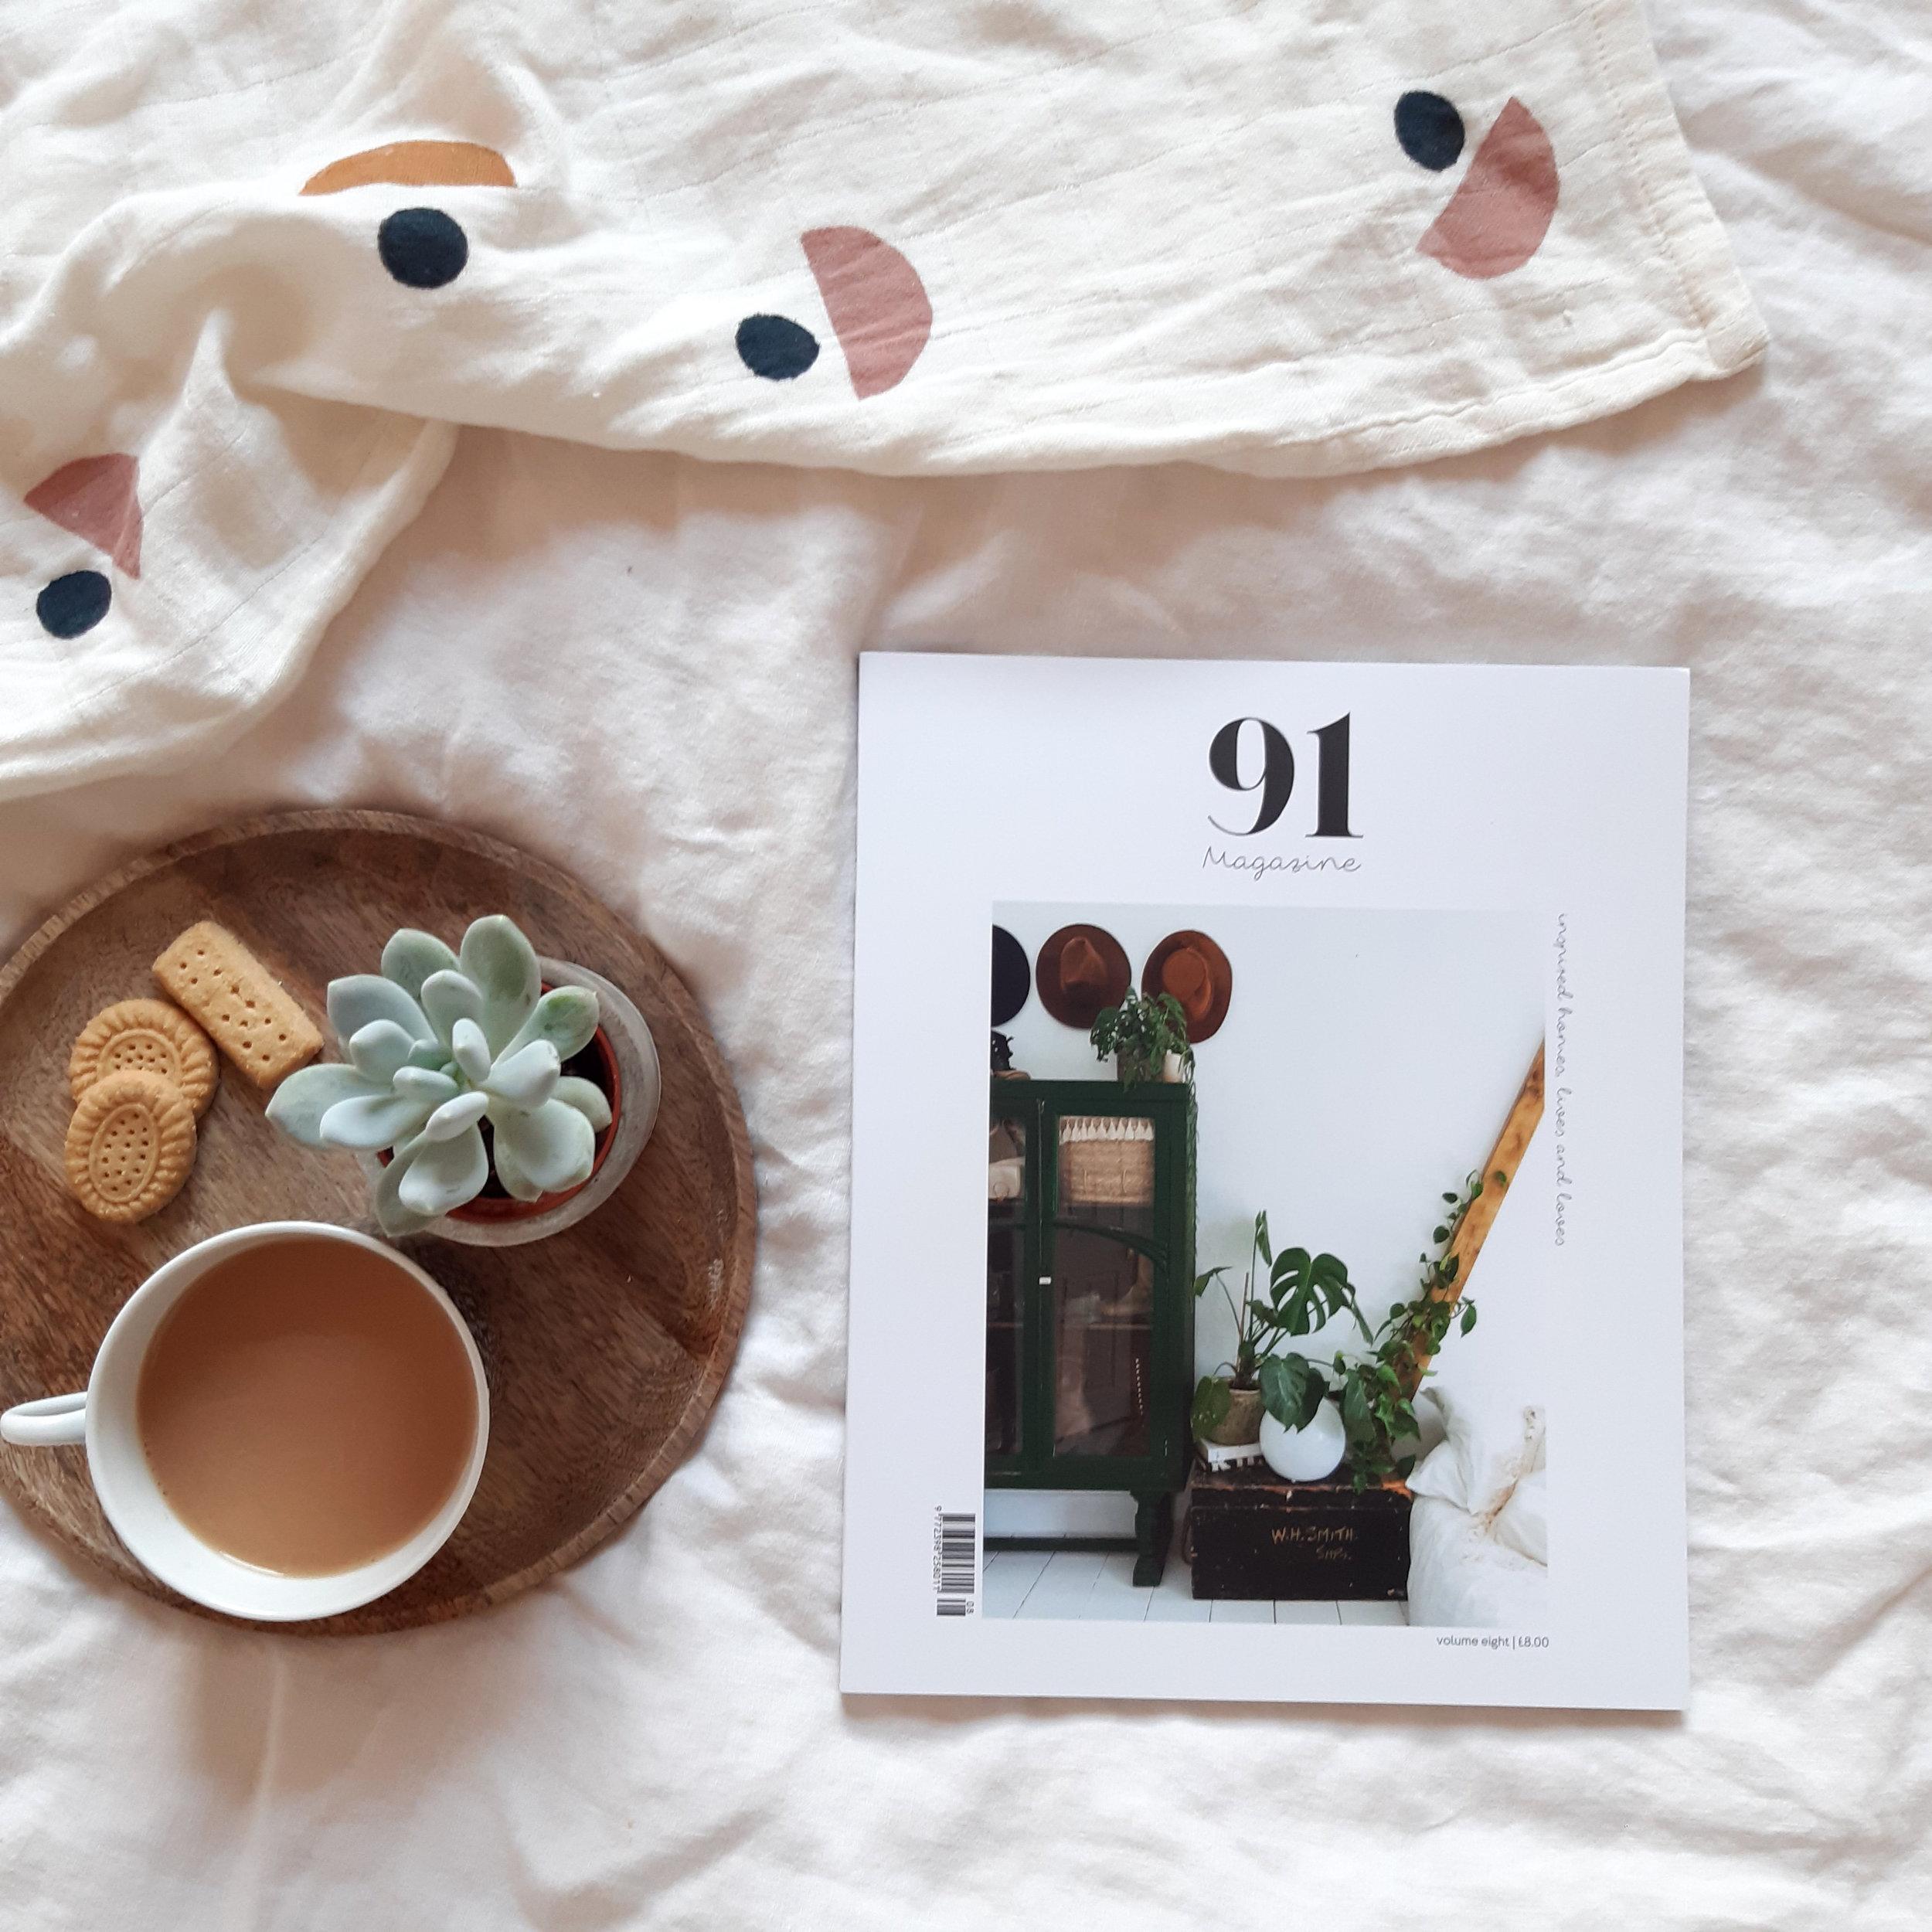 Volume 8 of 91 Magazine - publishes Oct 2019